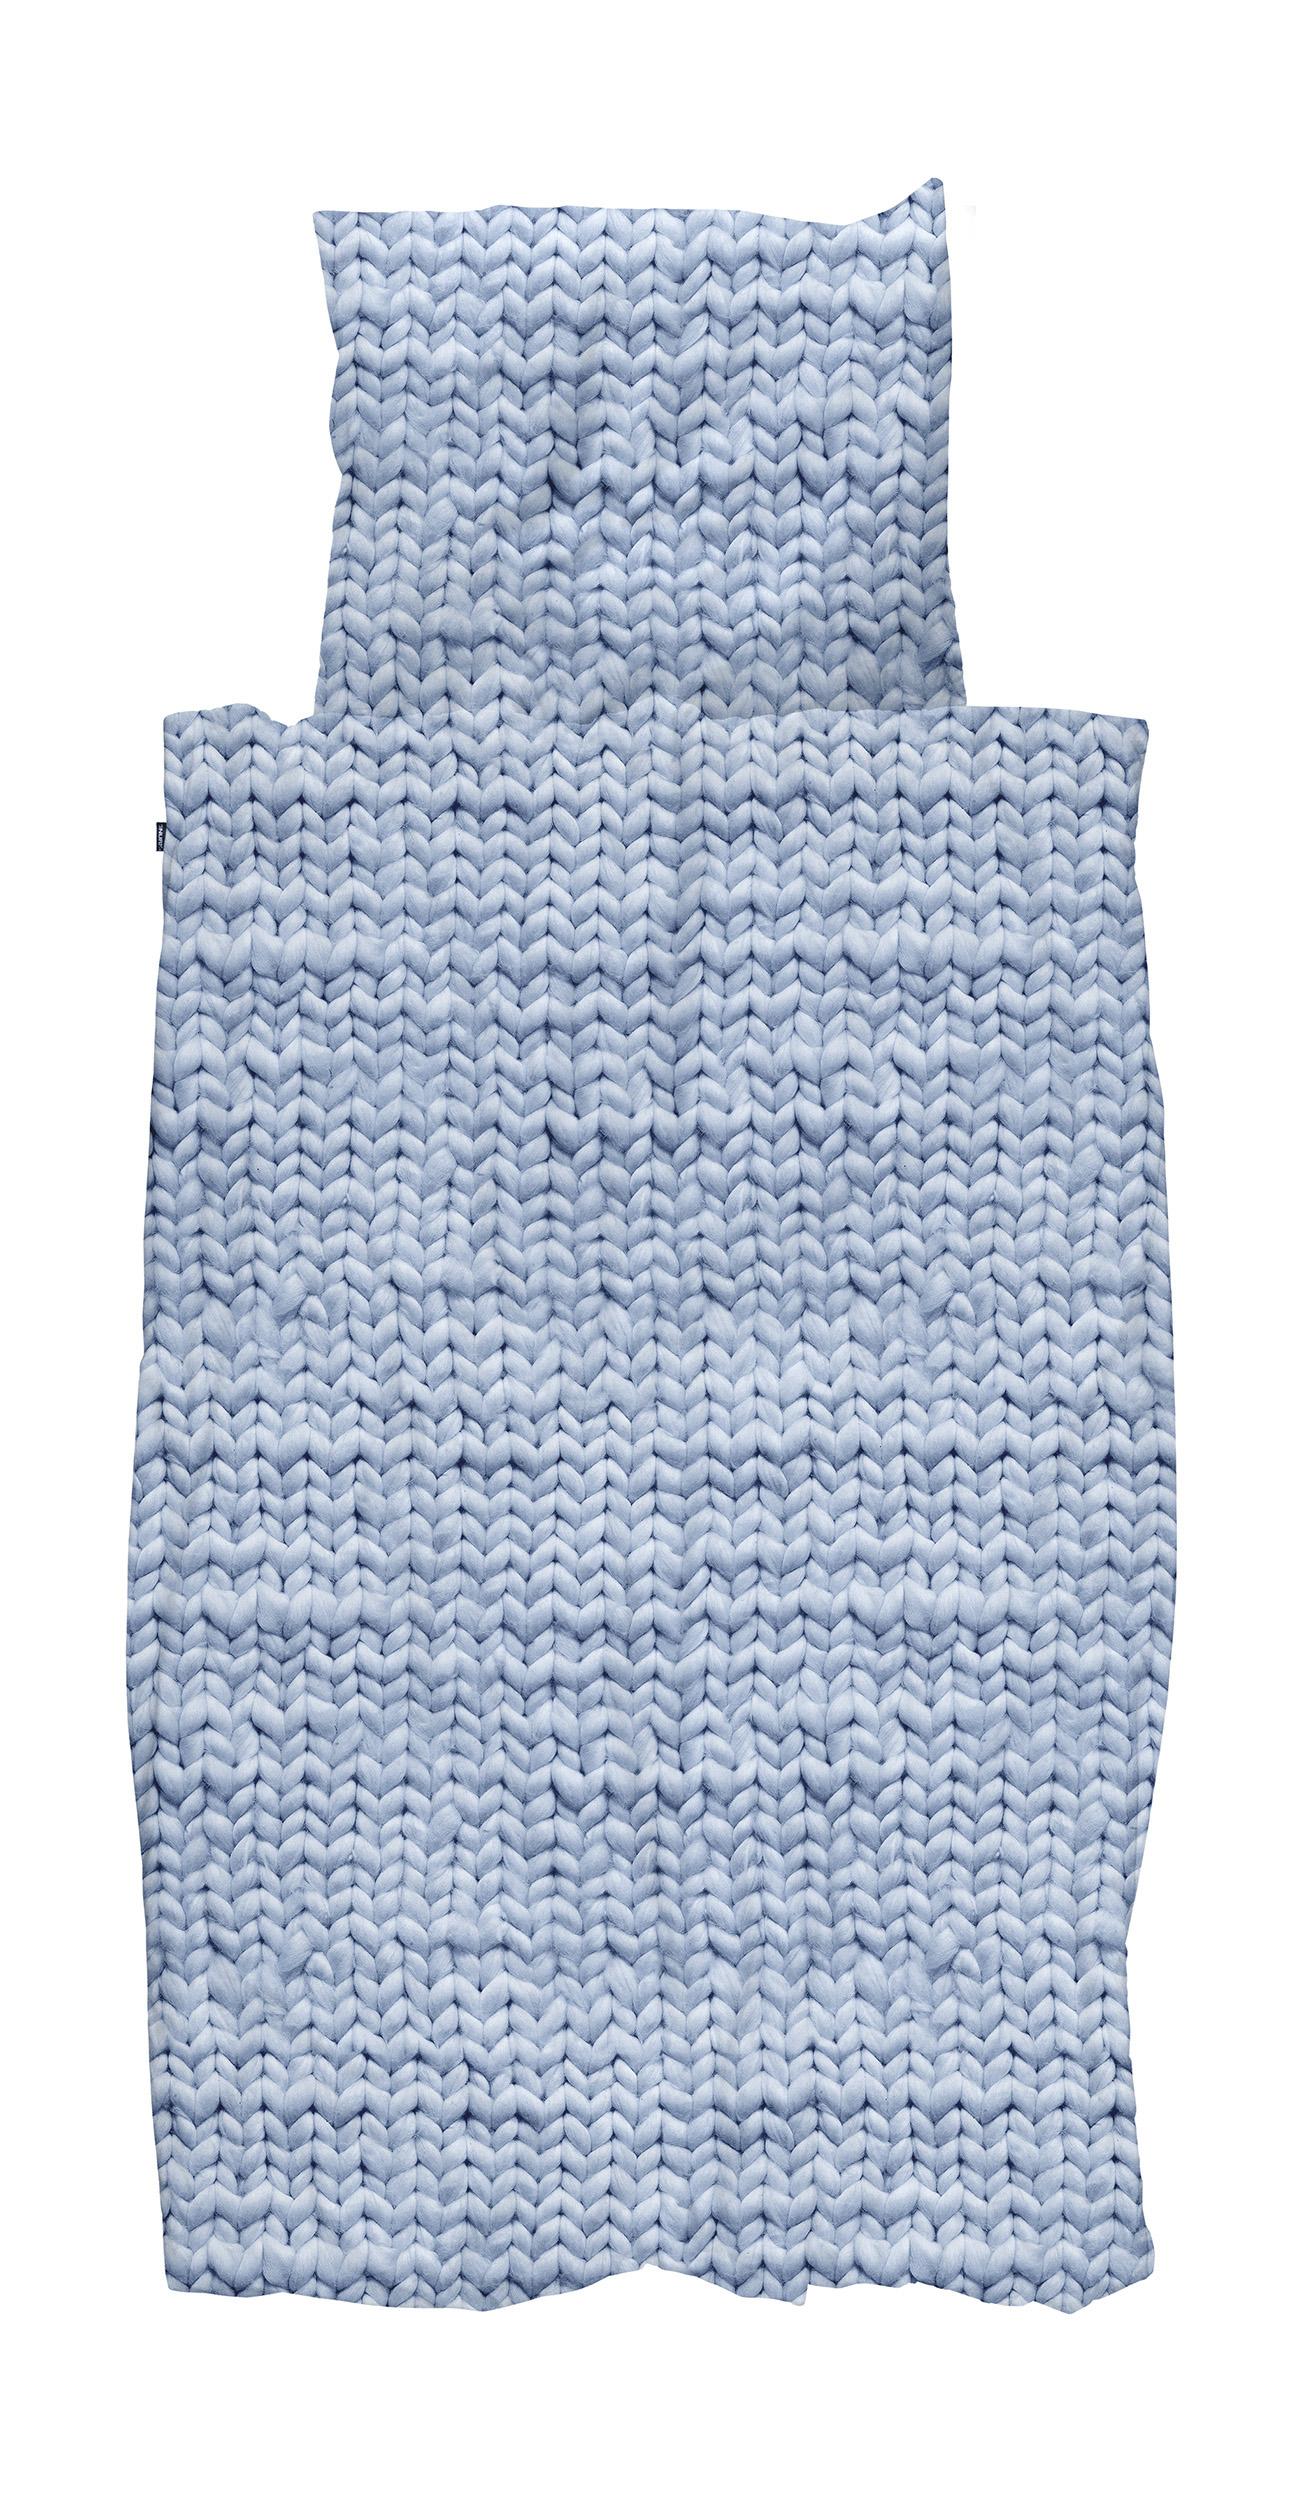 Купить Комплект постельного белья Косичка 150х200 синий фланель, inmyroom, Нидерланды